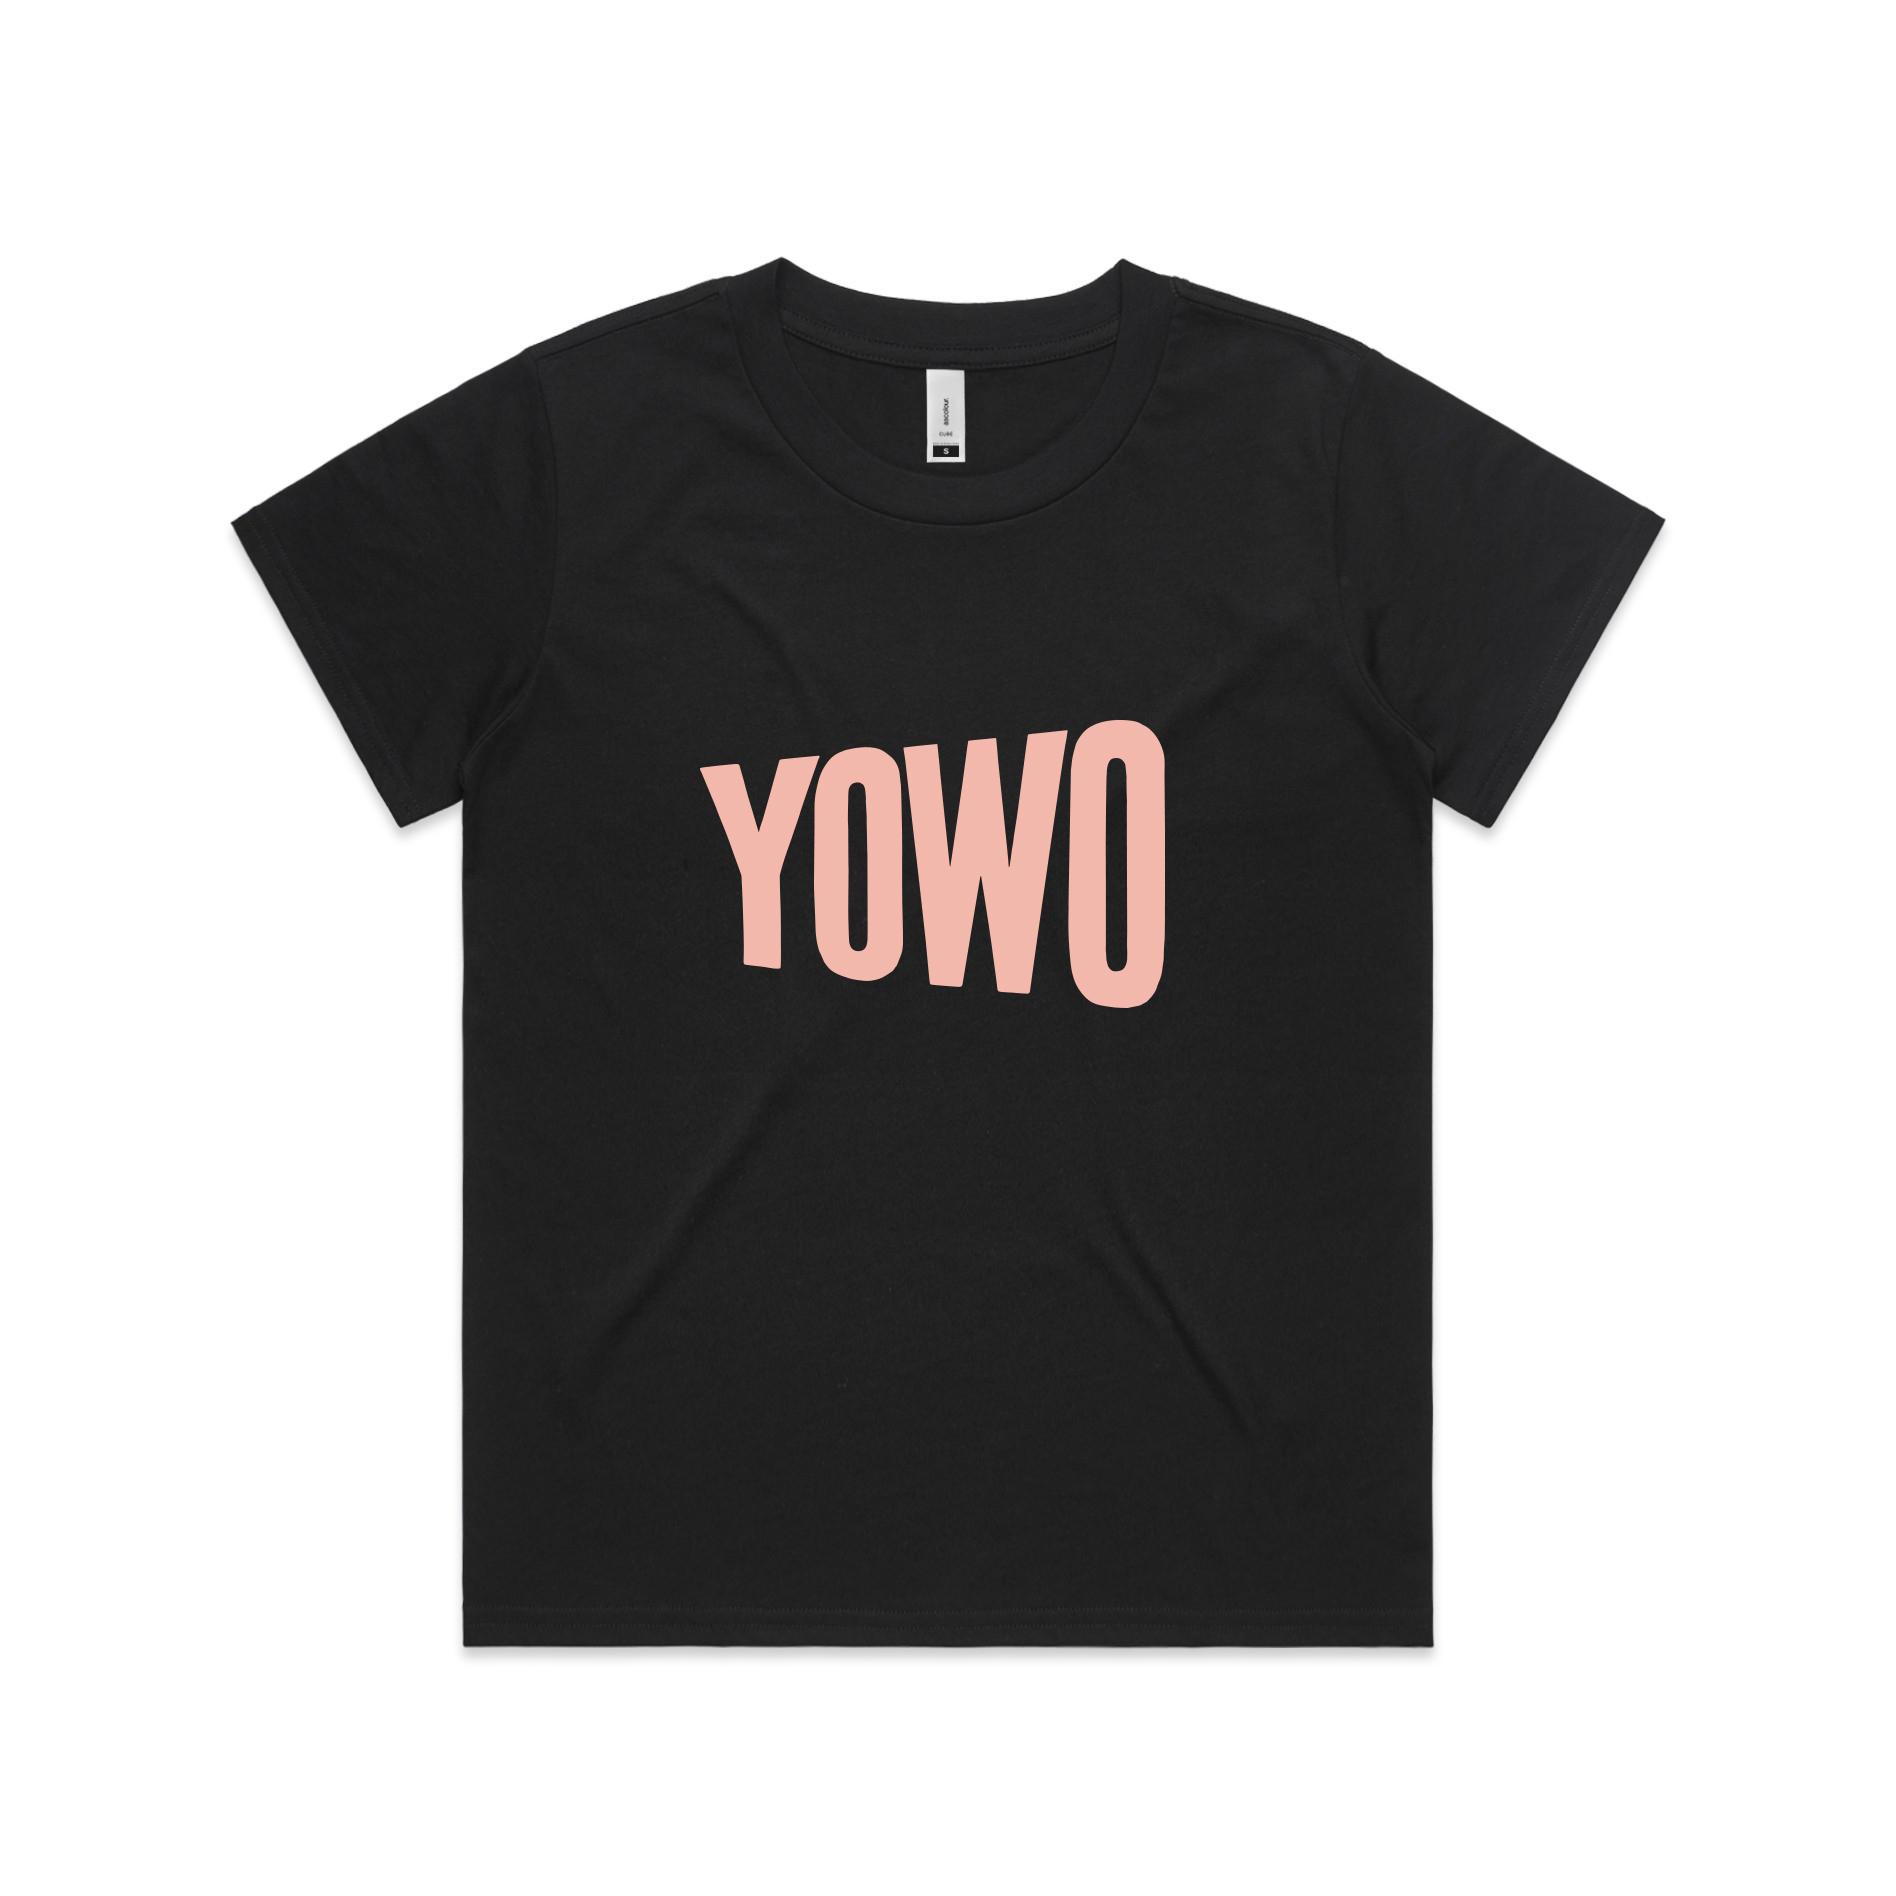 BUY YoWo Tee - $25